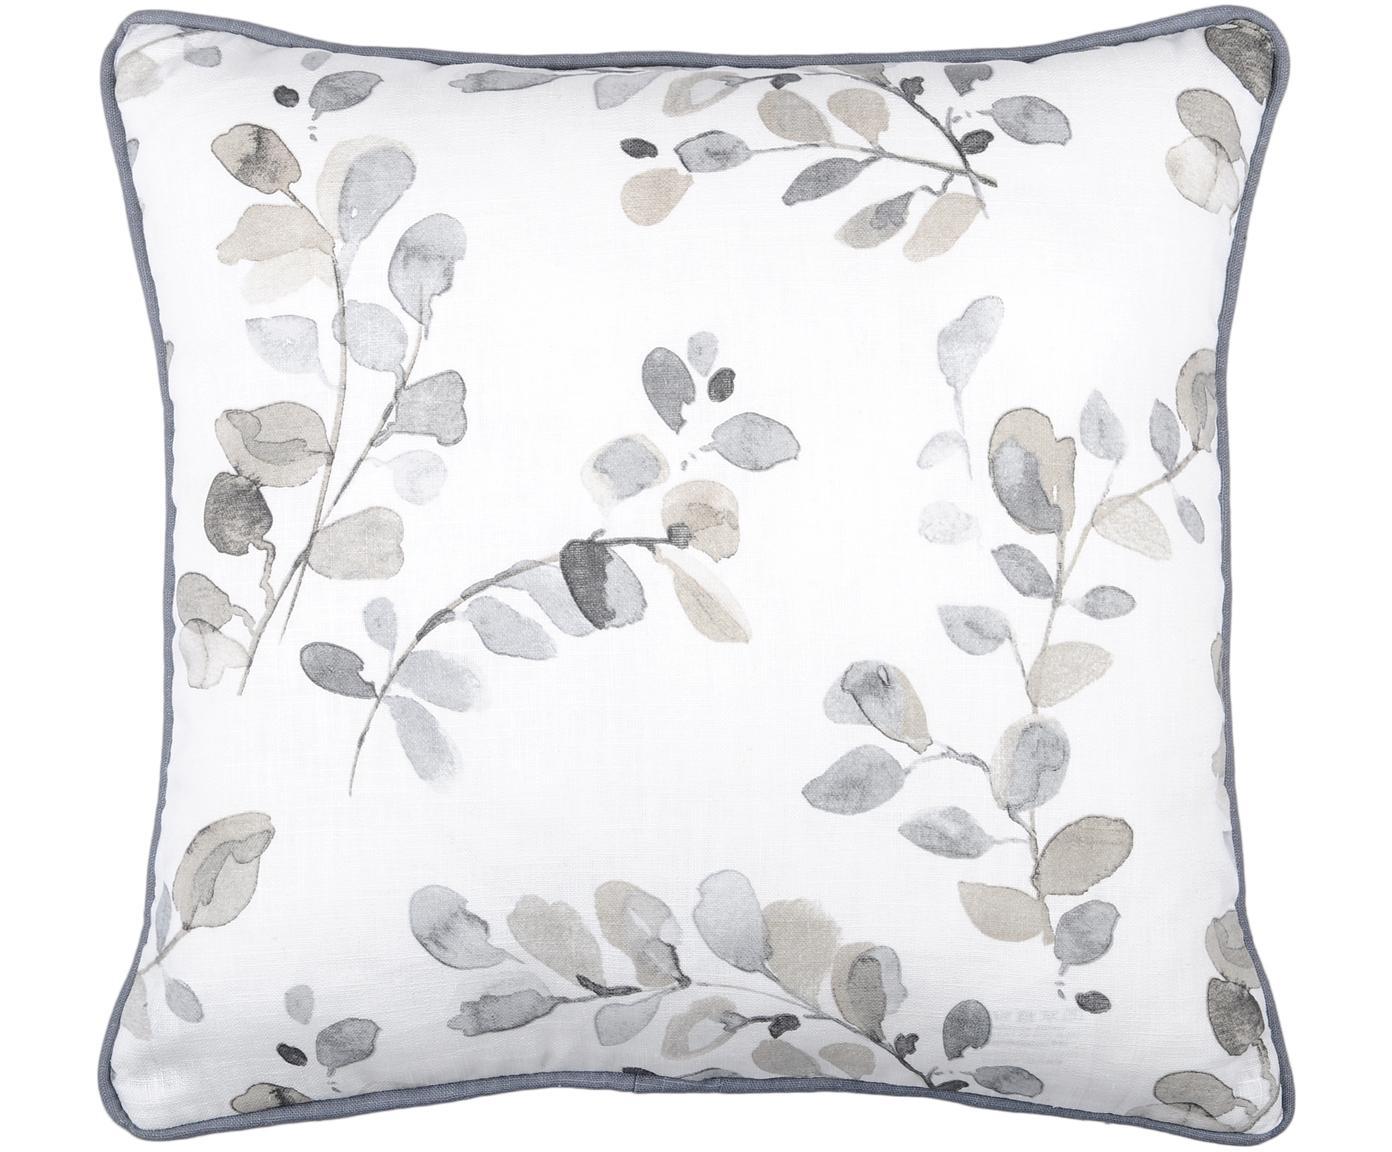 Kissen Acacia, mit Inlett, Bezug: 92% Ramie, 8% Baumwolle, Weiß, Beige, Blaugrau, 40 x 40 cm